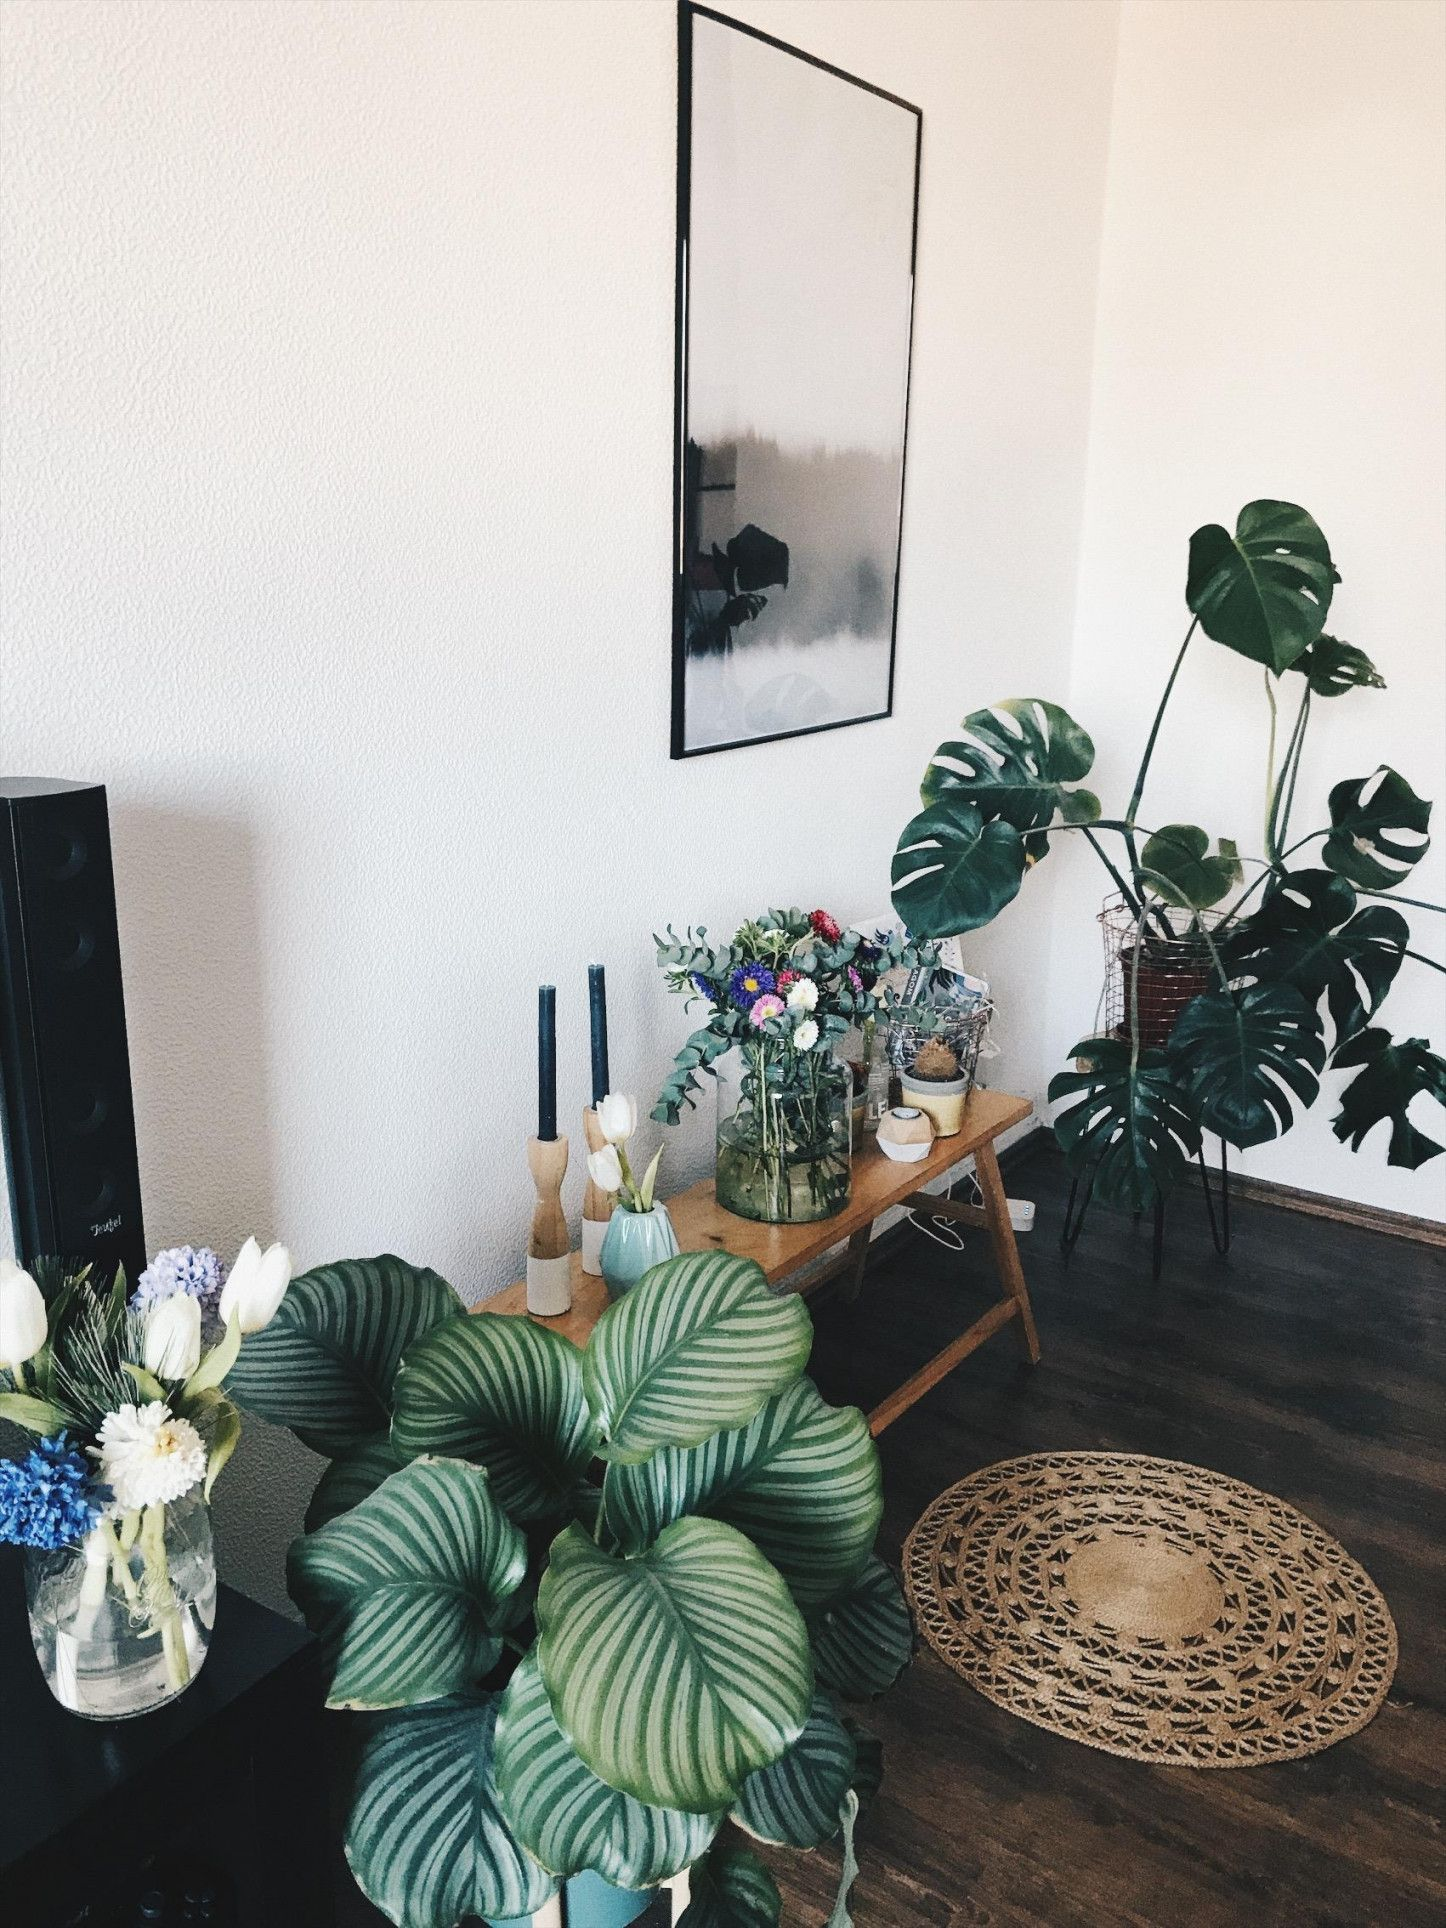 Living Plants Pflanzen Cozy Wohnzimmer Deko von Pflanzen